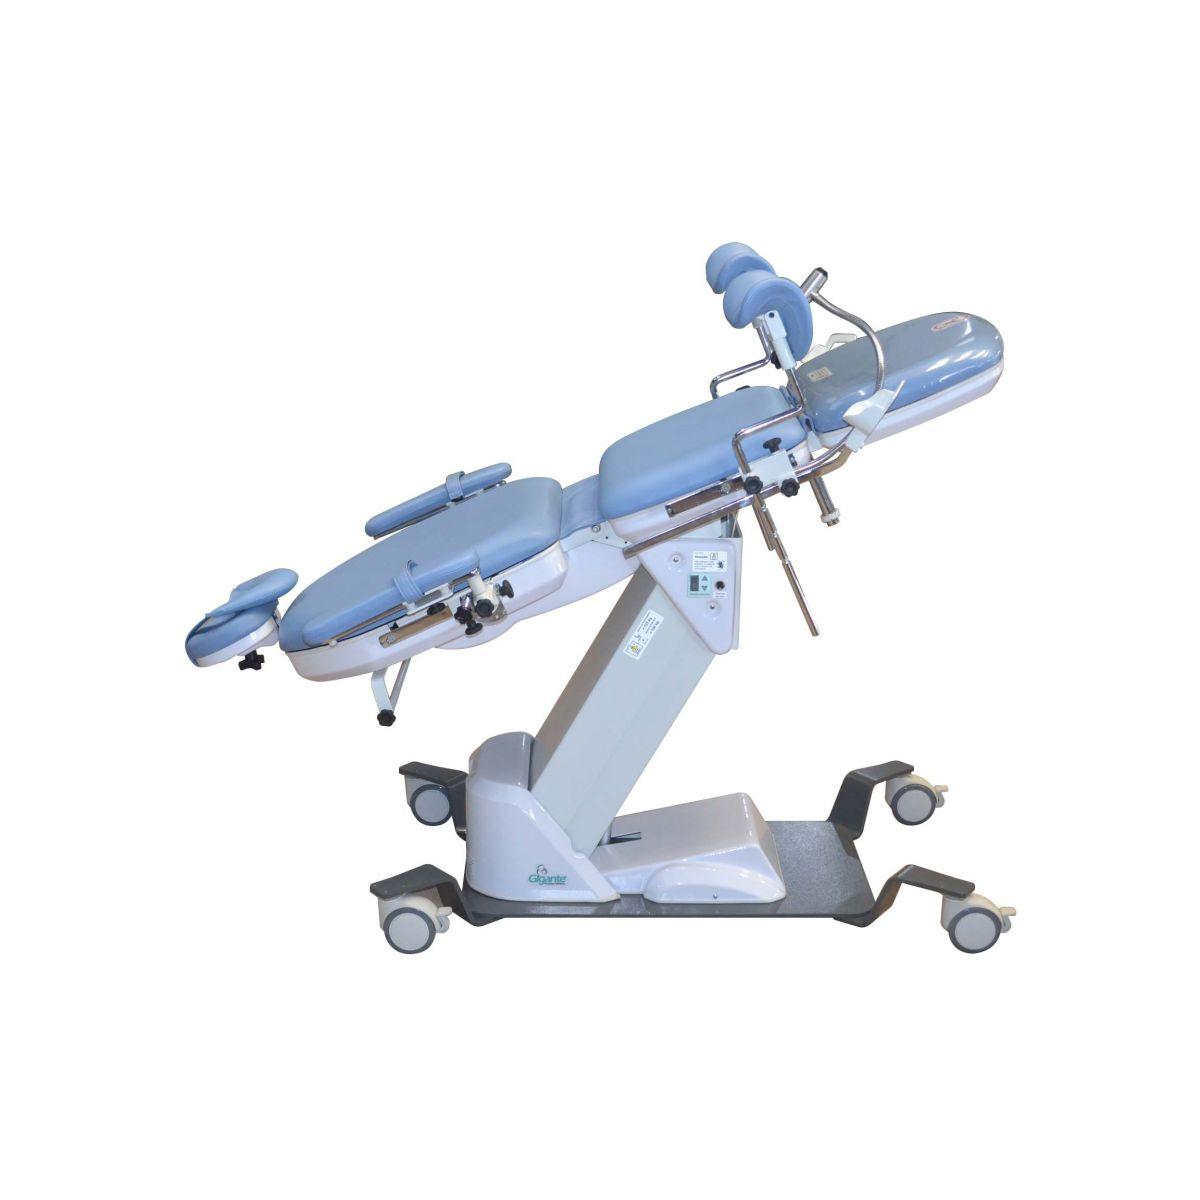 Mesa / Cadeira para Exames Ginecológicos – Mod. CE-9000G - Gigante